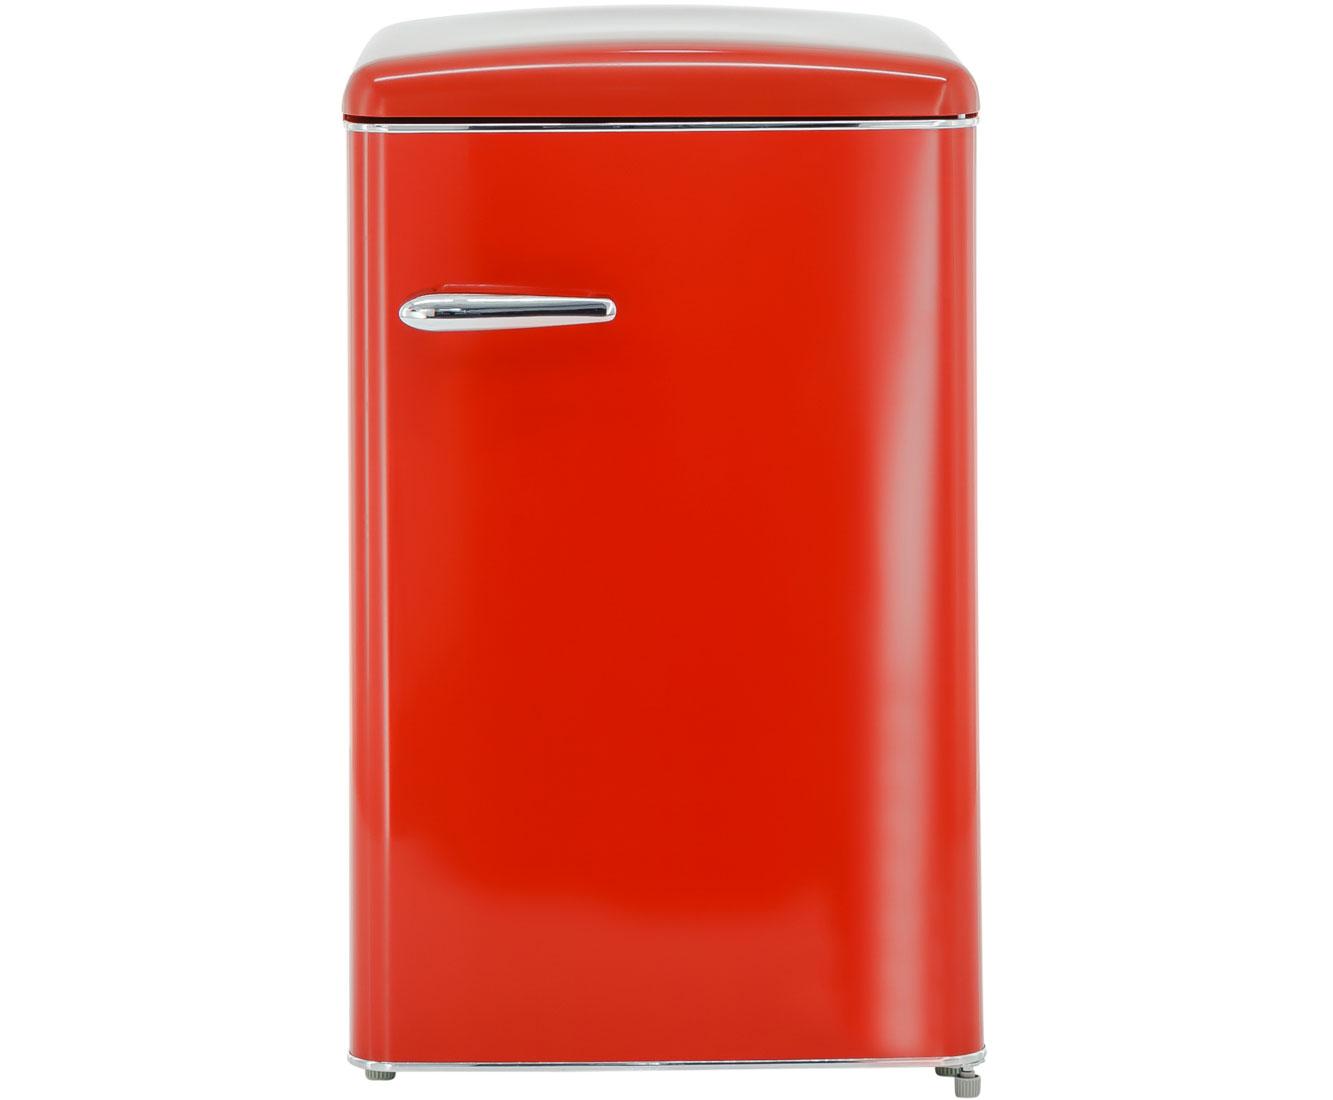 Kühlschrank Nostalgie Retro : Die schönsten retro kühlschränke für ein stück nostalgie lecker